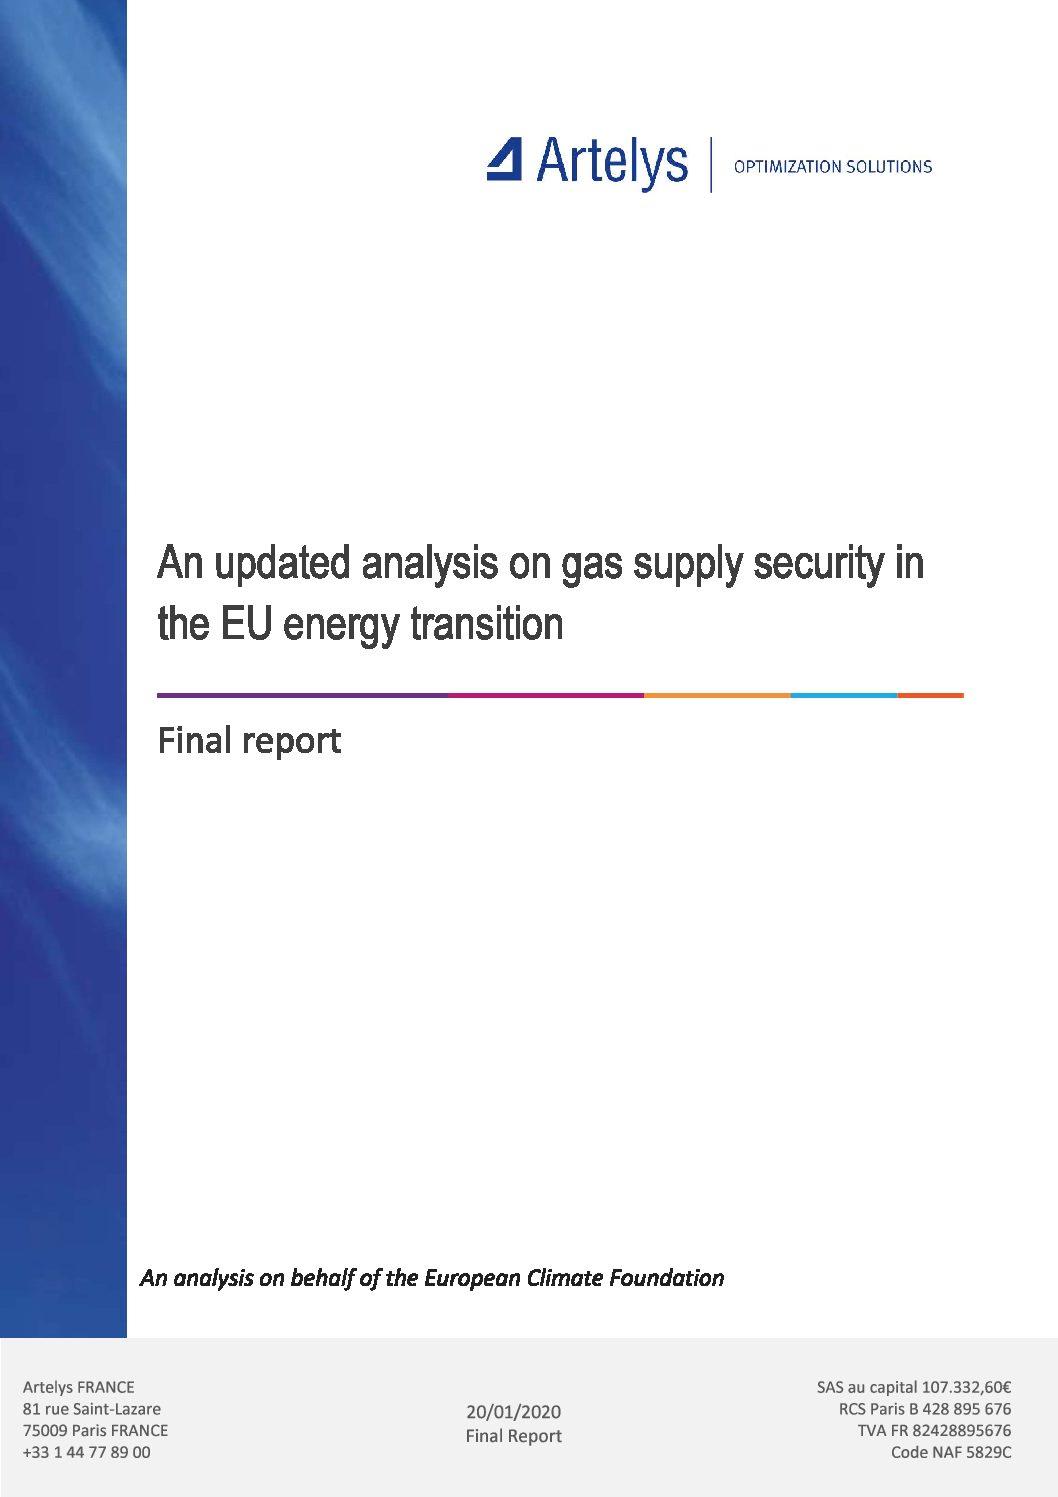 Actualisation de l'analyse de sécurité de l'approvisionnement en gaz dans la transition